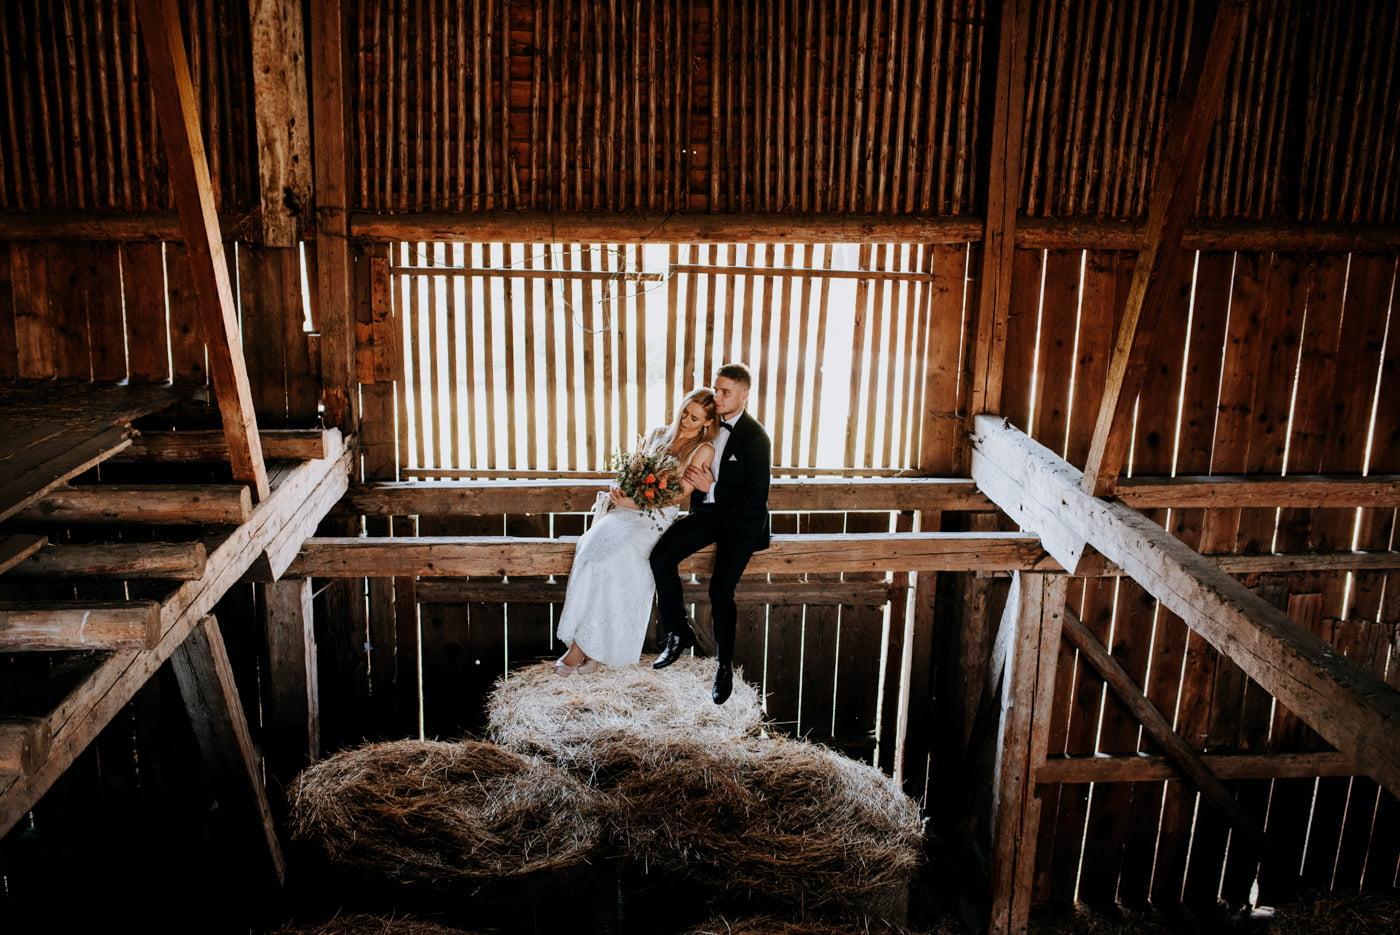 Plener Ślubny w starej stodole - Basia i Marcin 5